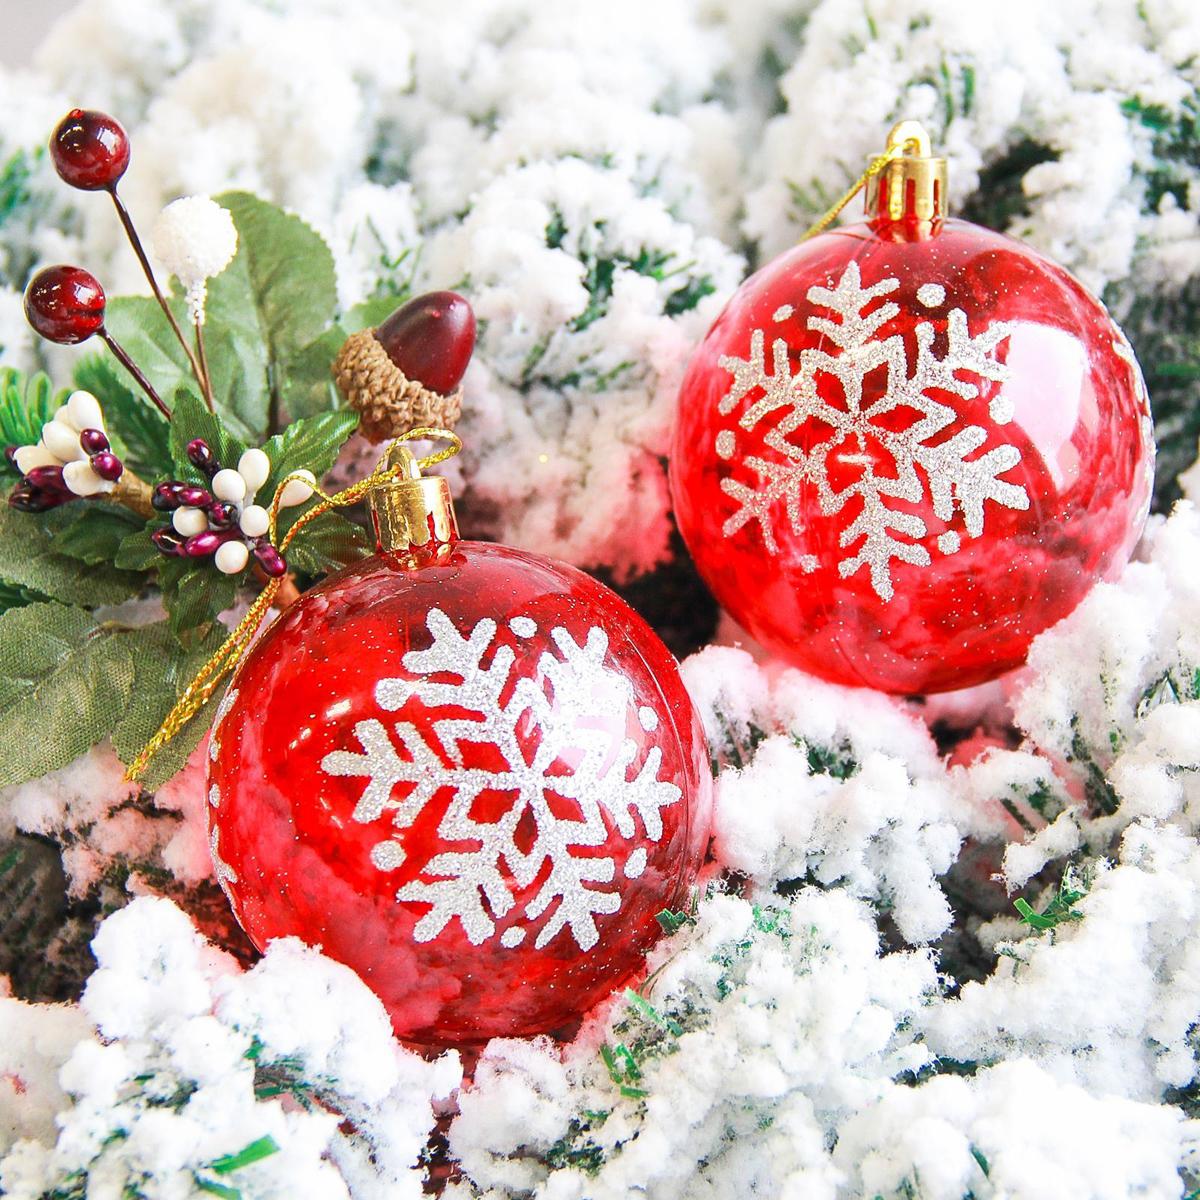 Набор новогодних подвесных украшений Sima-land Снежинка, диаметр 7 см, 6 шт2178205Набор новогодних подвесных украшений Sima-land отлично подойдет для декорации вашего дома и новогодней ели. С помощью специальной петельки украшение можно повесить в любом понравившемся вам месте. Но, конечно, удачнее всего оно будет смотреться на праздничной елке. Елочная игрушка - символ Нового года. Она несет в себе волшебство и красоту праздника. Создайте в своем доме атмосферу веселья и радости, украшая новогоднюю елку нарядными игрушками, которые будут из года в год накапливать теплоту воспоминаний.